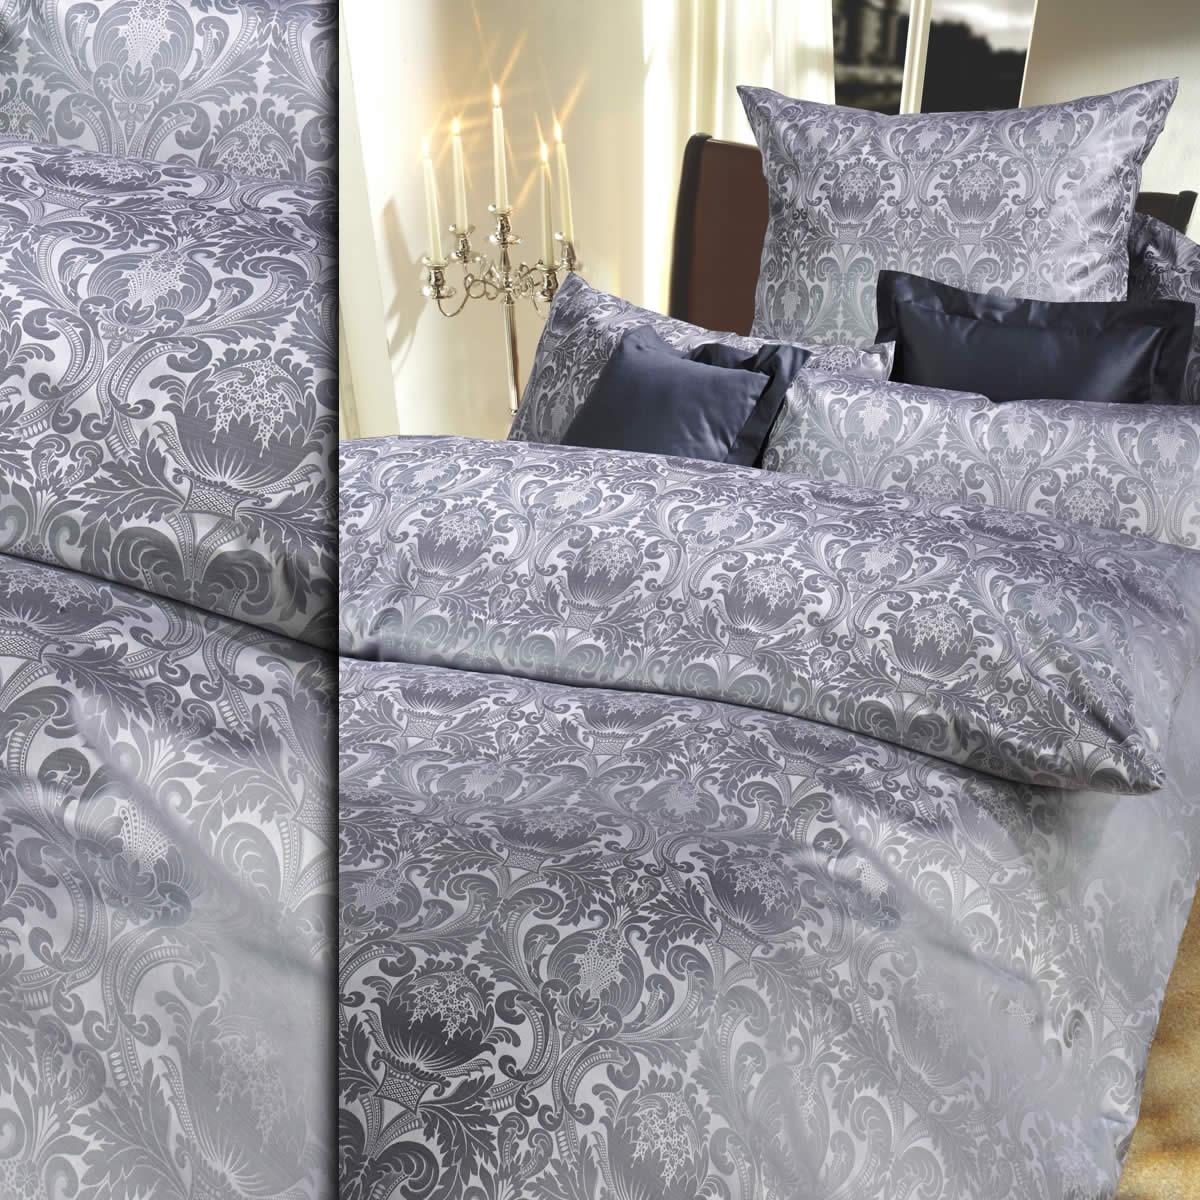 curt bauer mako brokat damast bettw sche 200x220 cm florenz 2680 1022. Black Bedroom Furniture Sets. Home Design Ideas